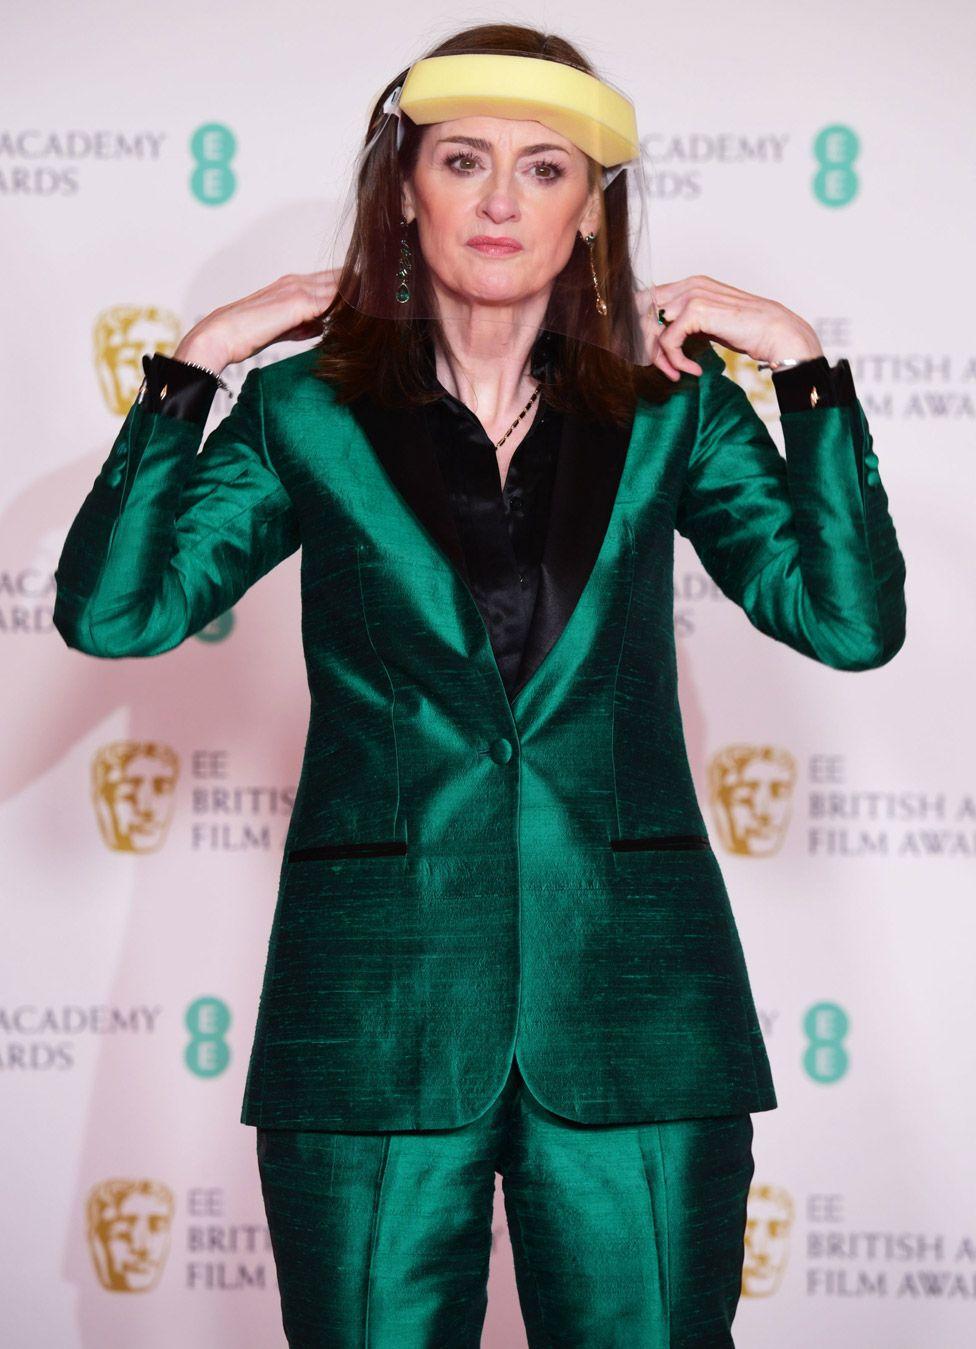 Bafta chief executive Amanda Berry sported a visor on the red carpet